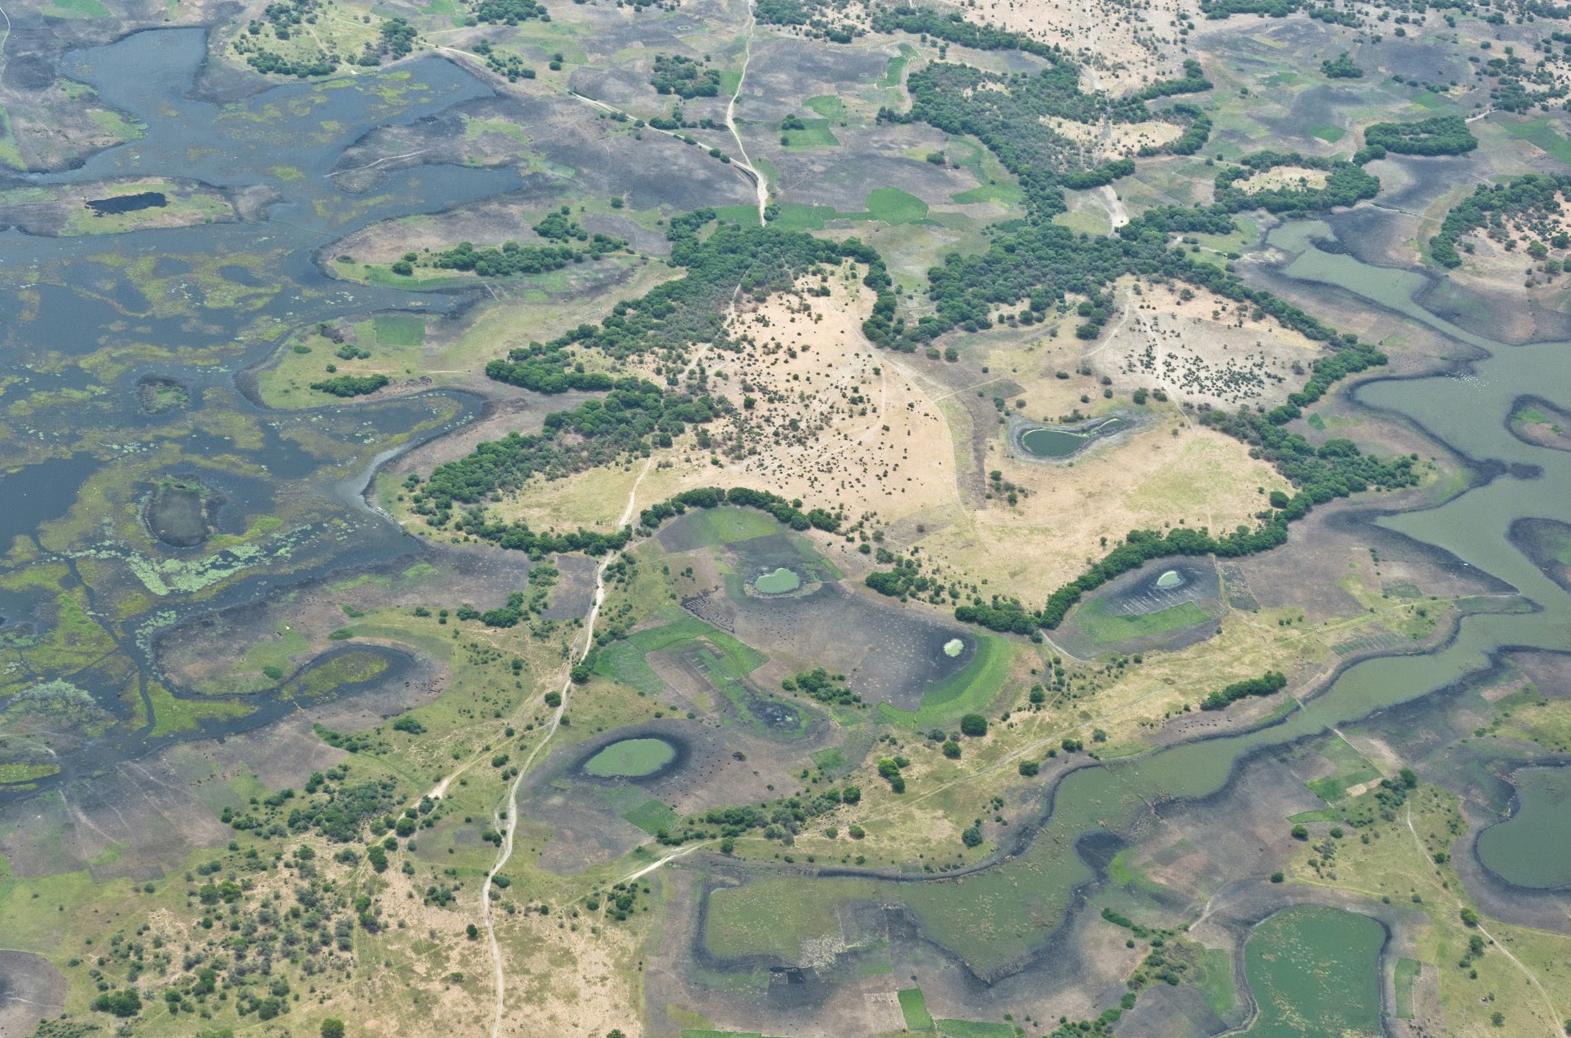 Lac Tchad : quand l'or bleu devient source de tension